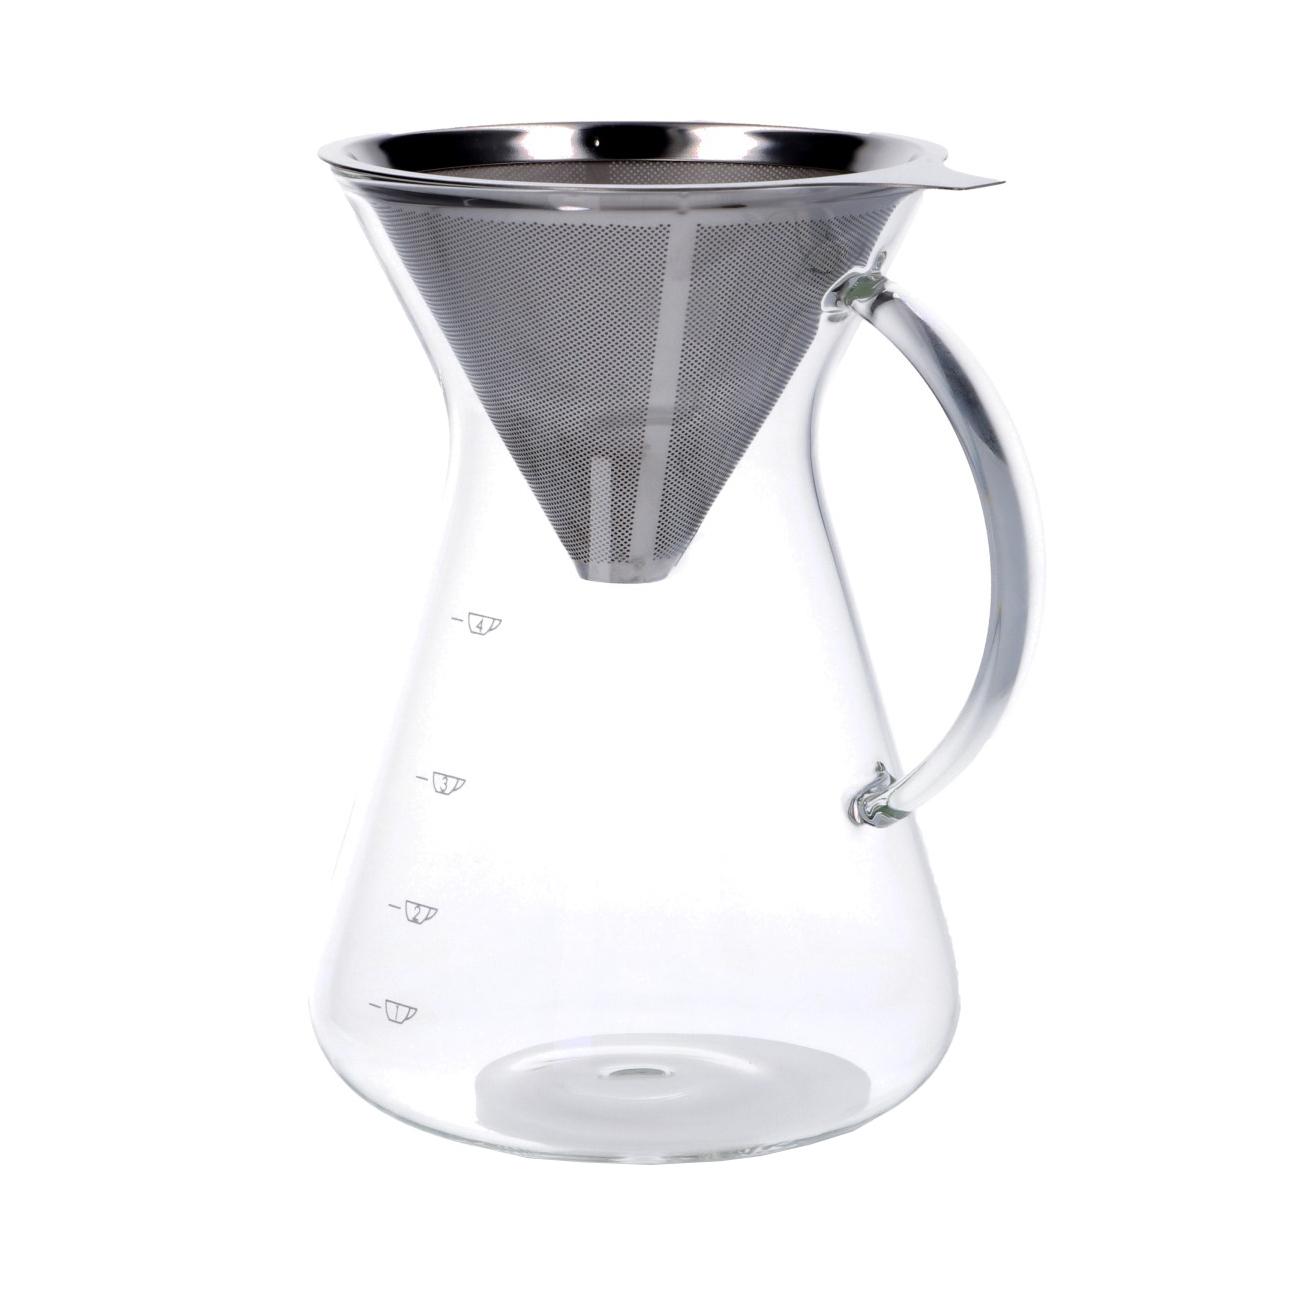 Koffiekan met filter, glas en RVS, 600 ml